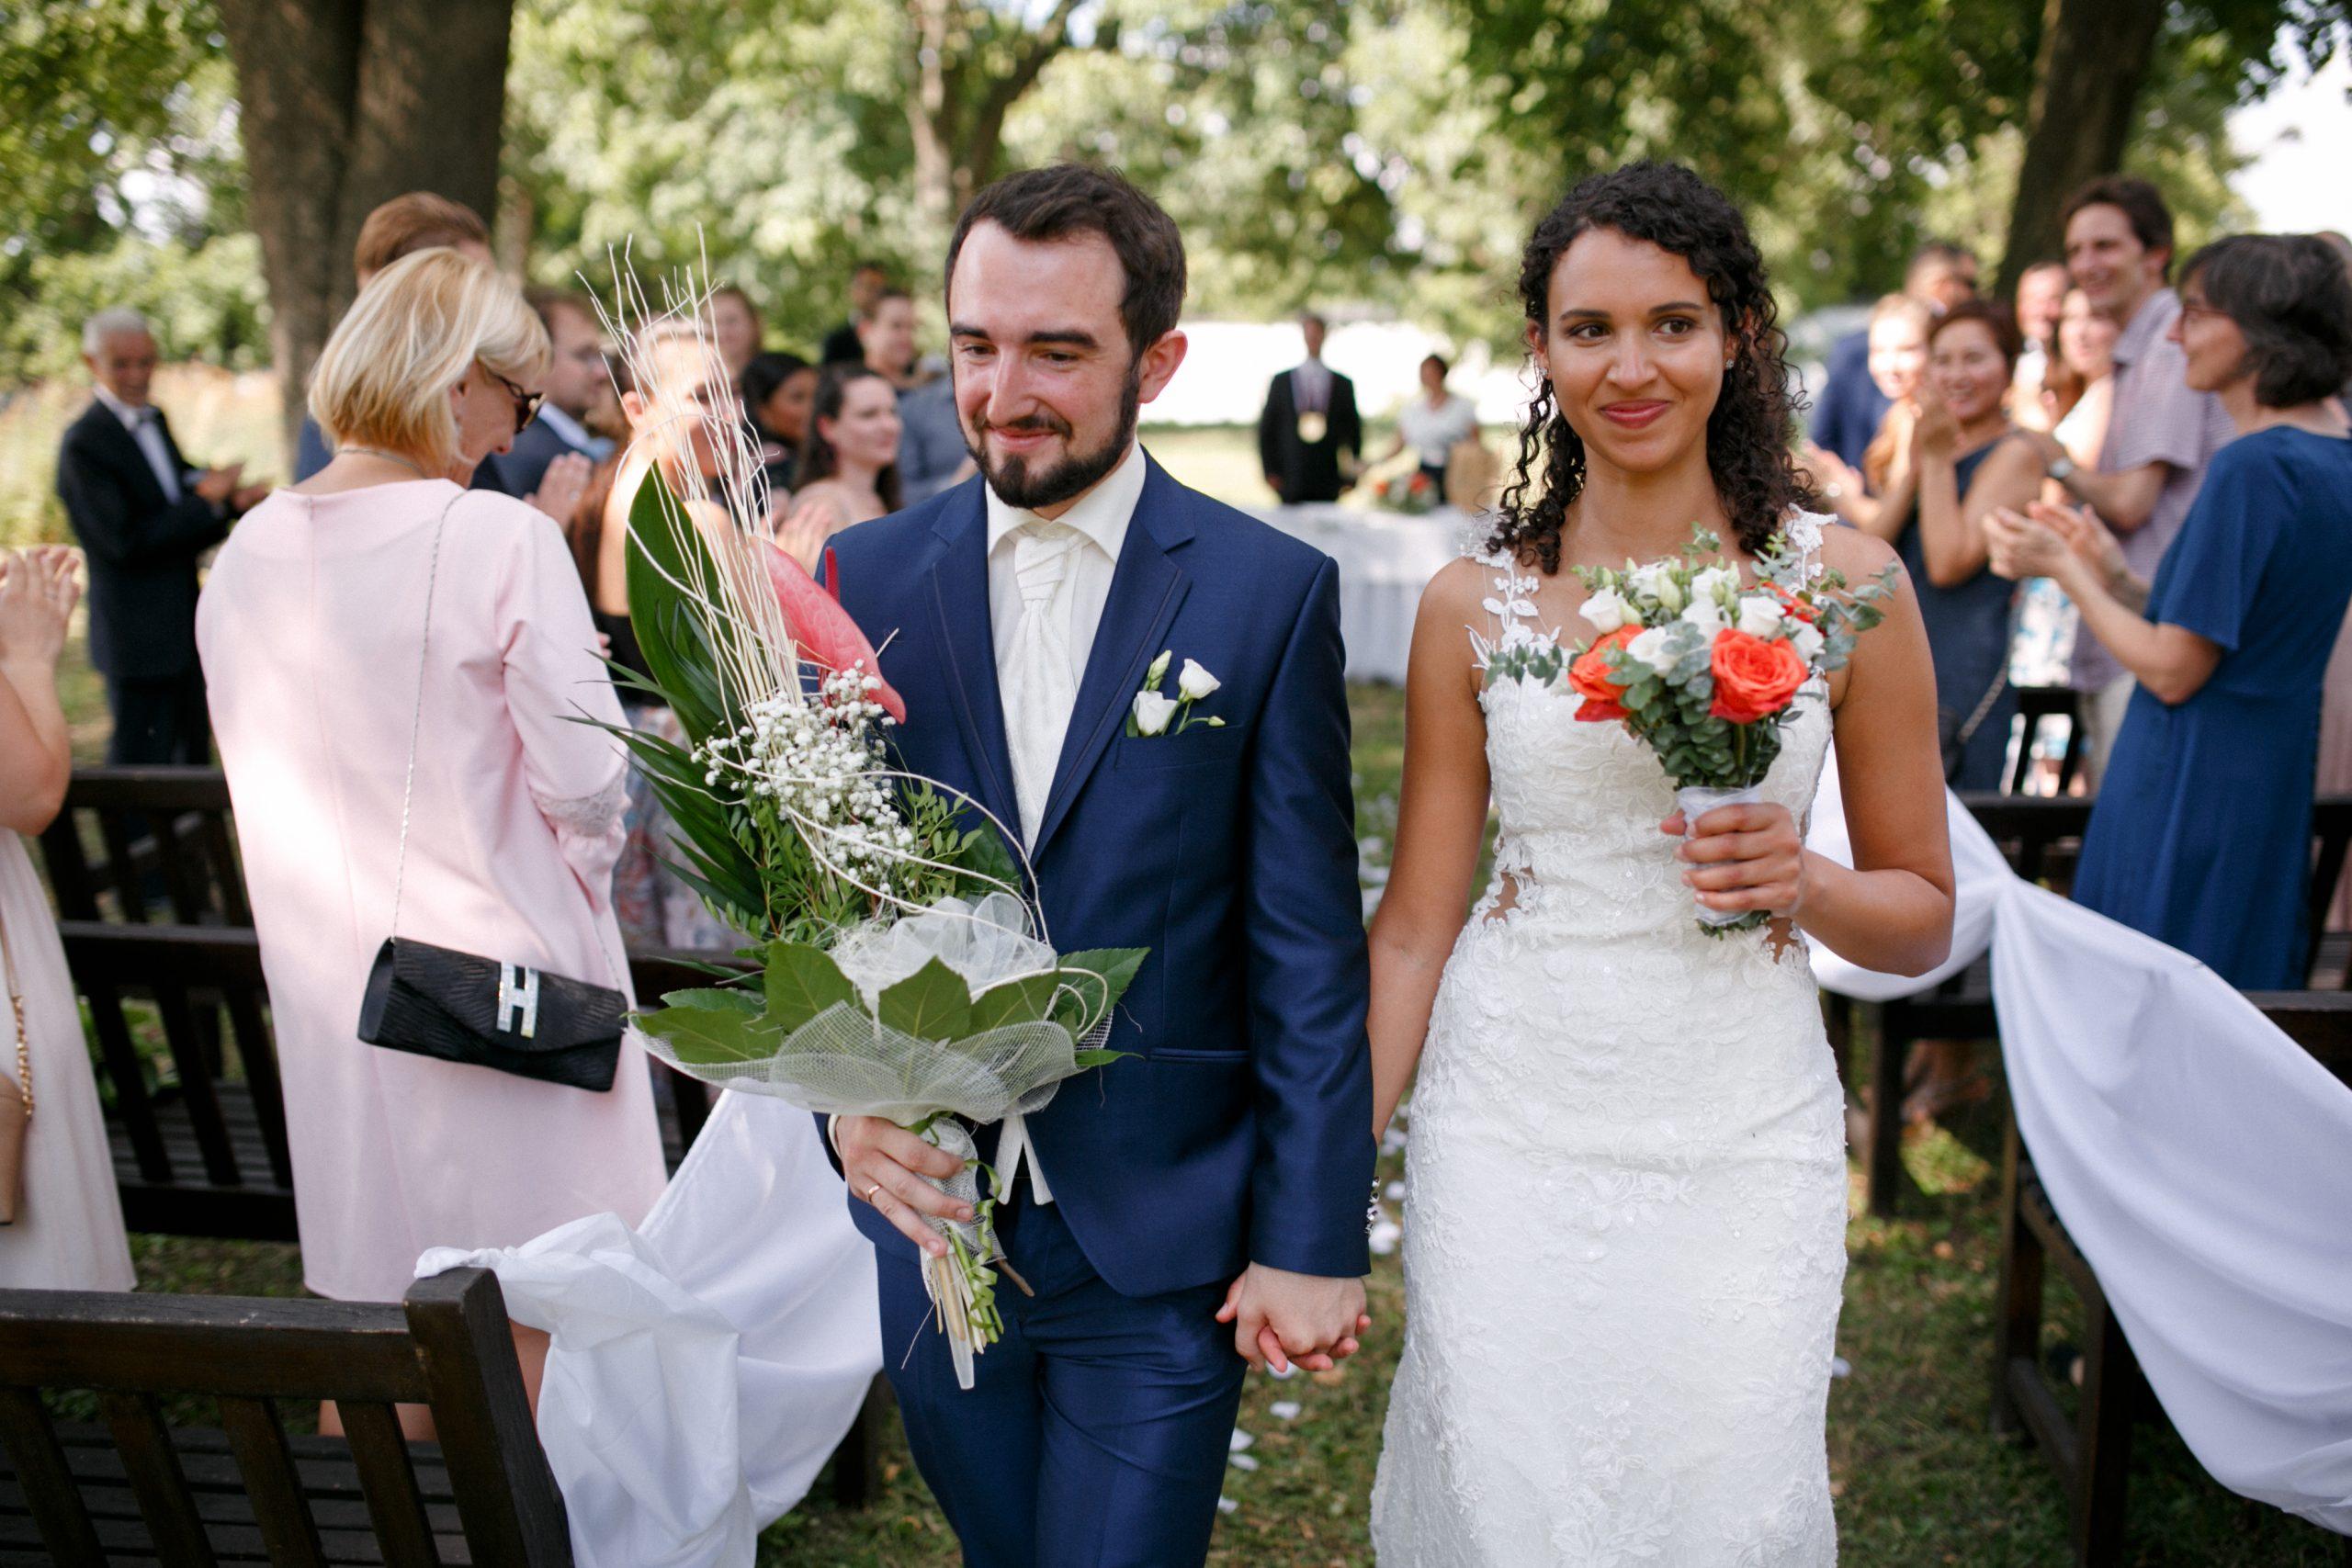 Svadba Oponice, Chateau Appony 01 #svadobnyDJ, #djanasvadbu, #svadba, #svadbaoponice, #ChateauAppony #DJAnavi, #Oponice